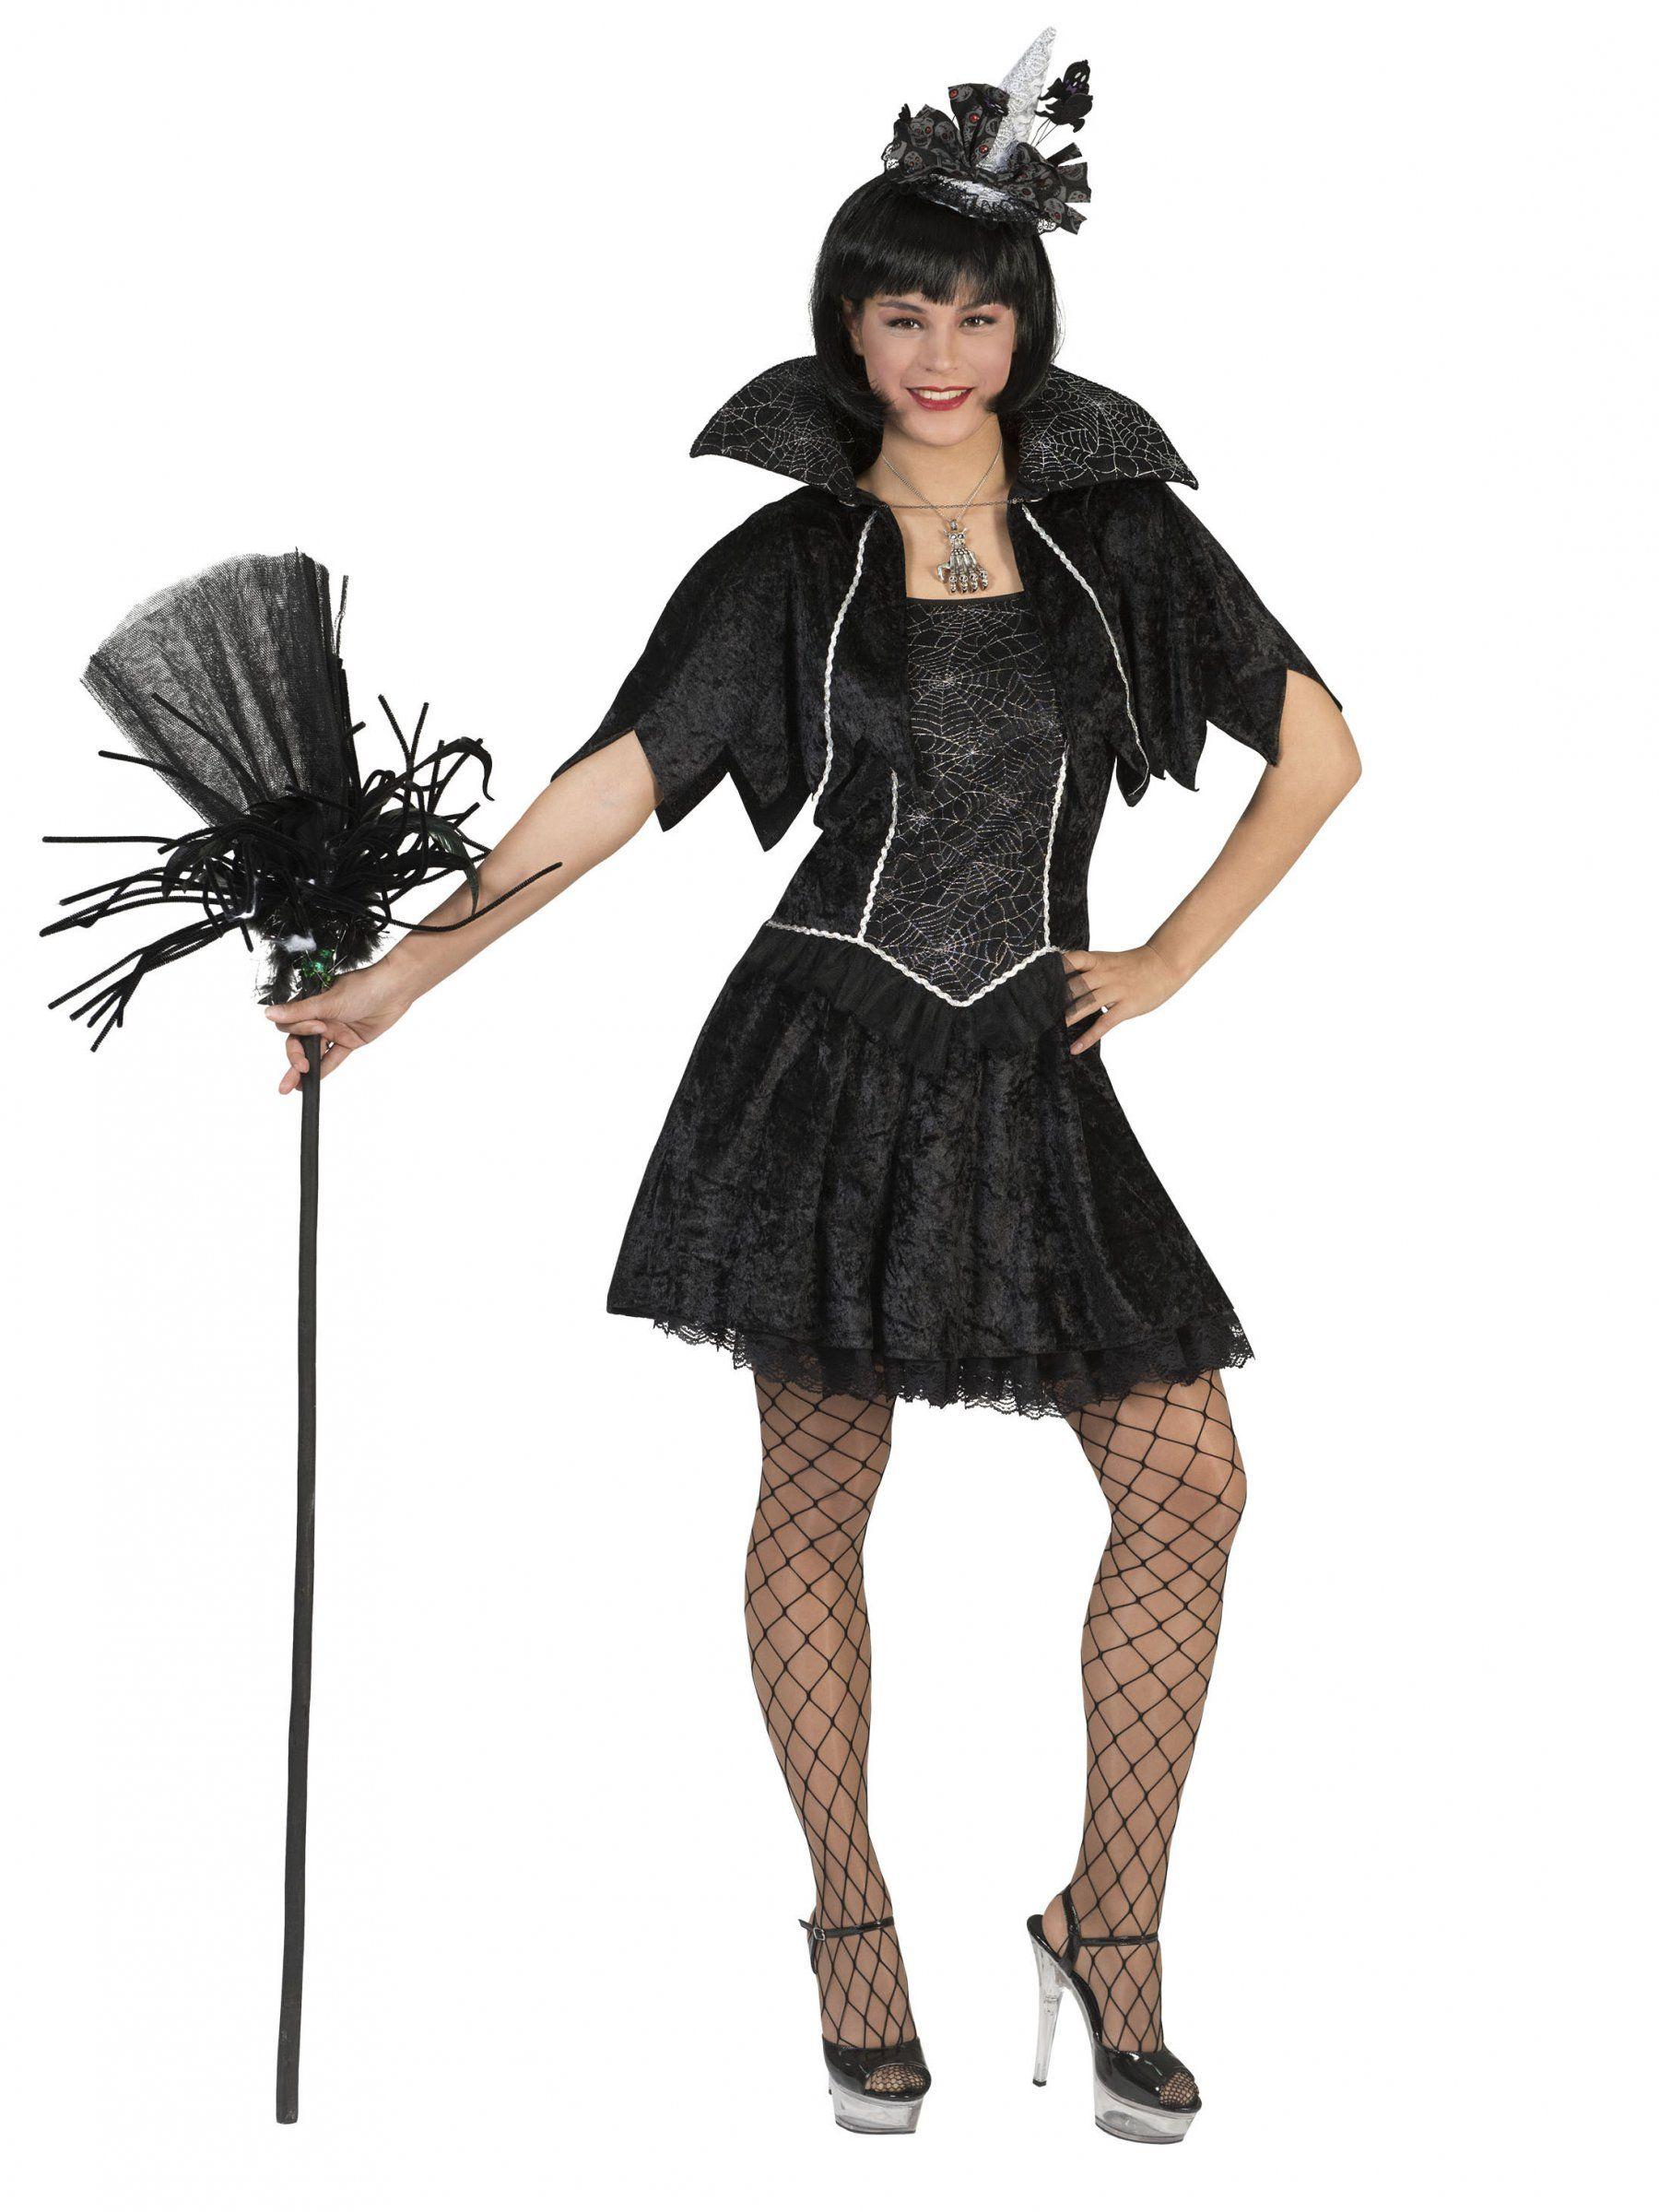 9b7efa555a Disfraz bruja araña negra mujer Halloween  Este disfraz de bruja para mujer  incluye un vestido